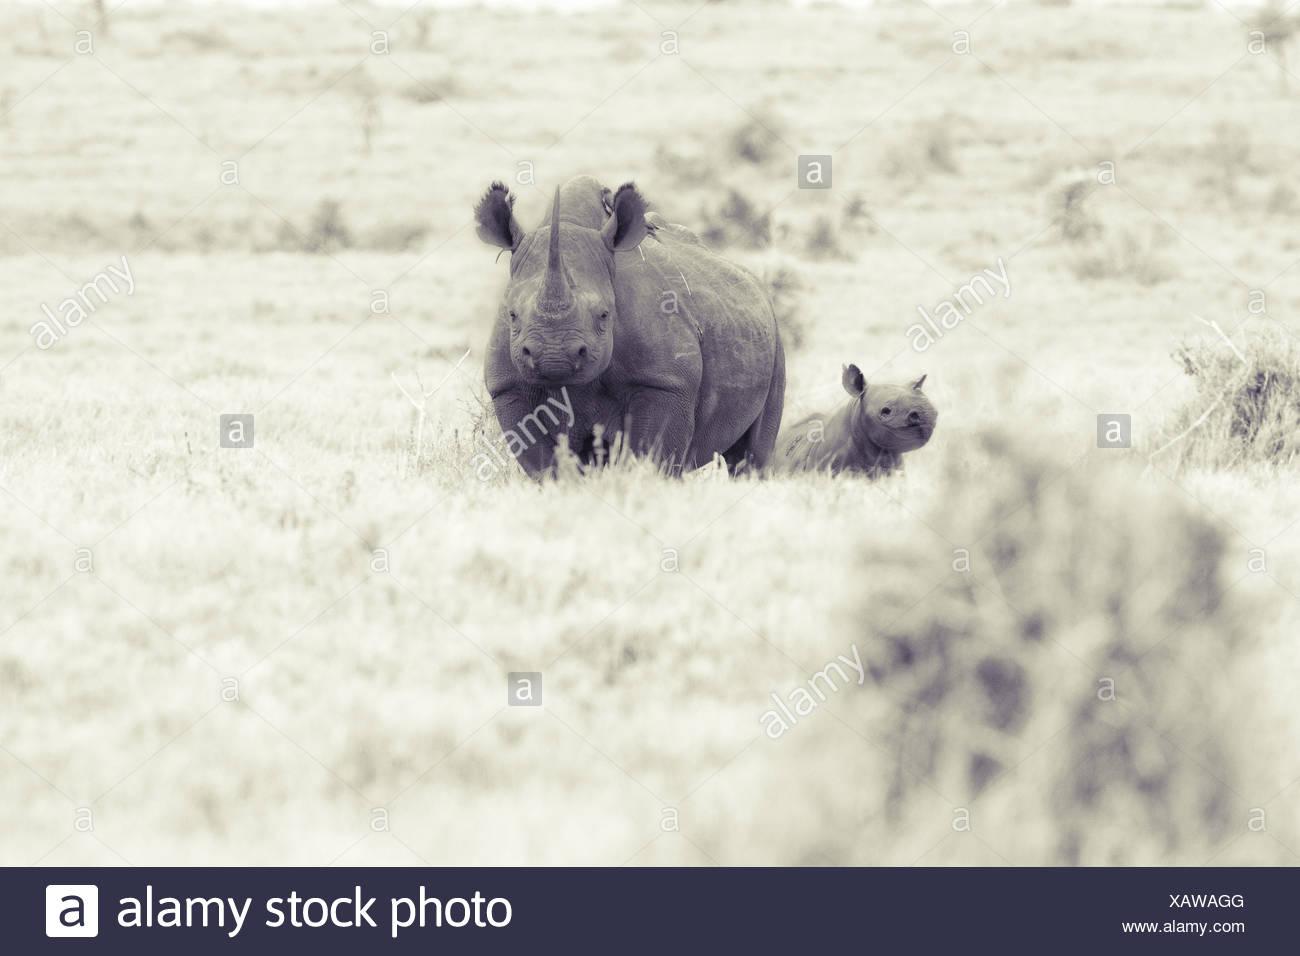 Rhino Viewer